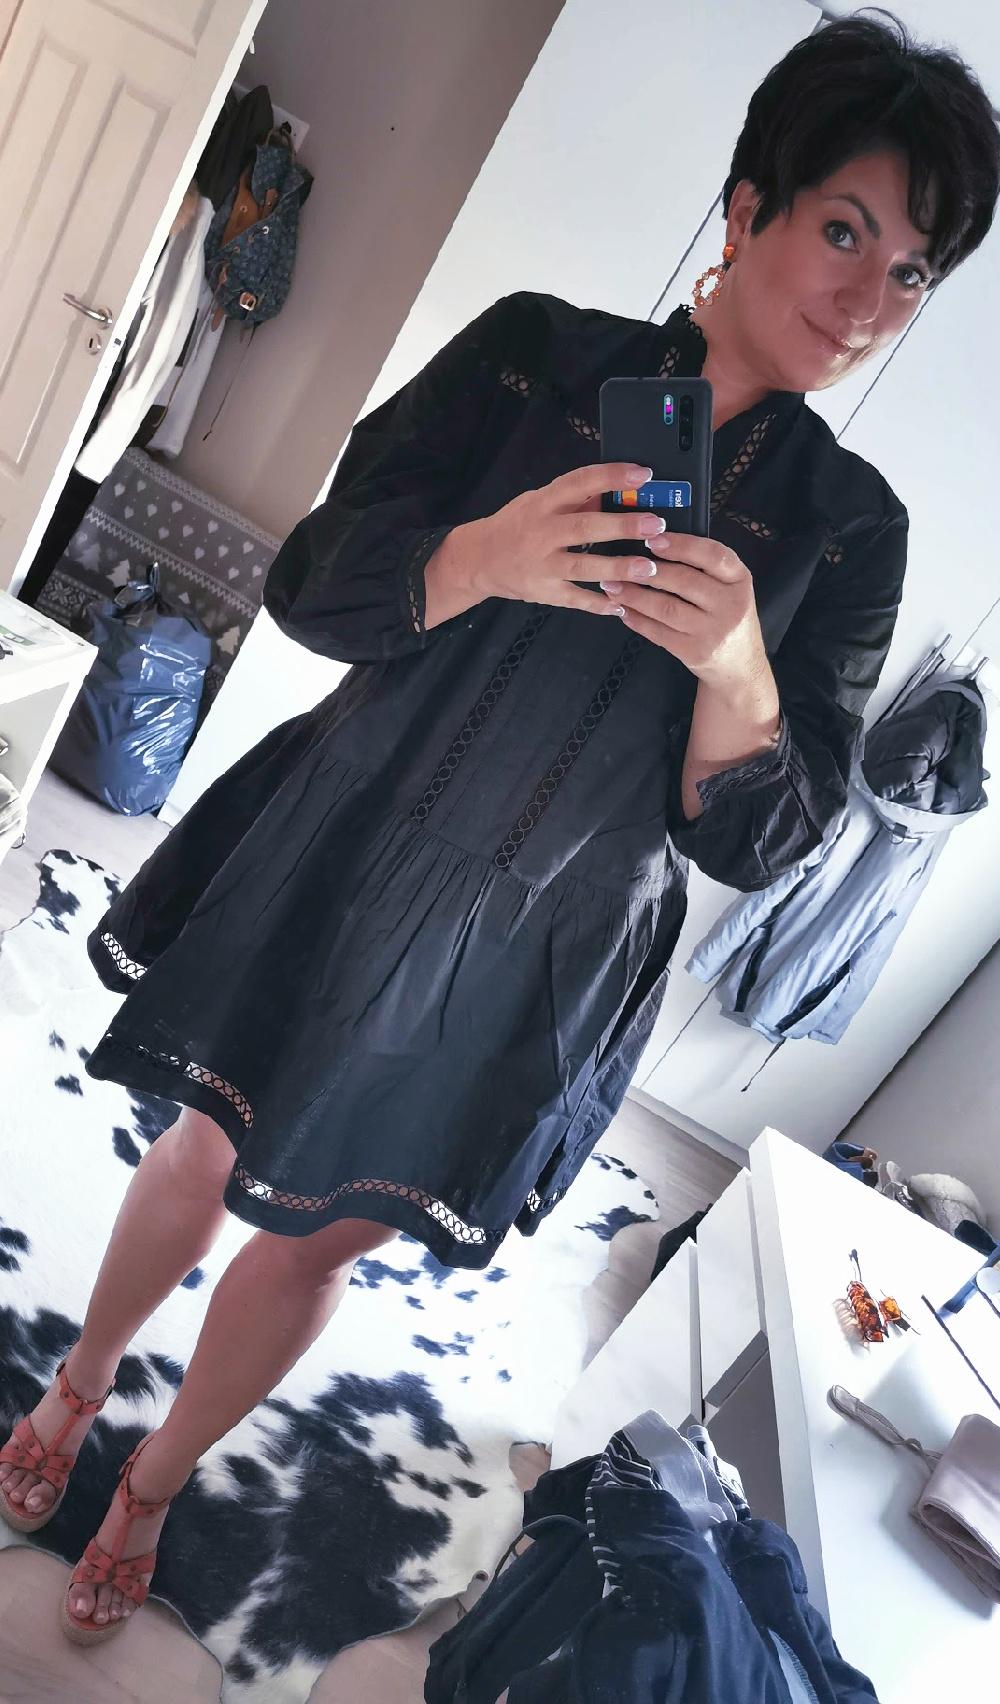 JA til flere kjoler!